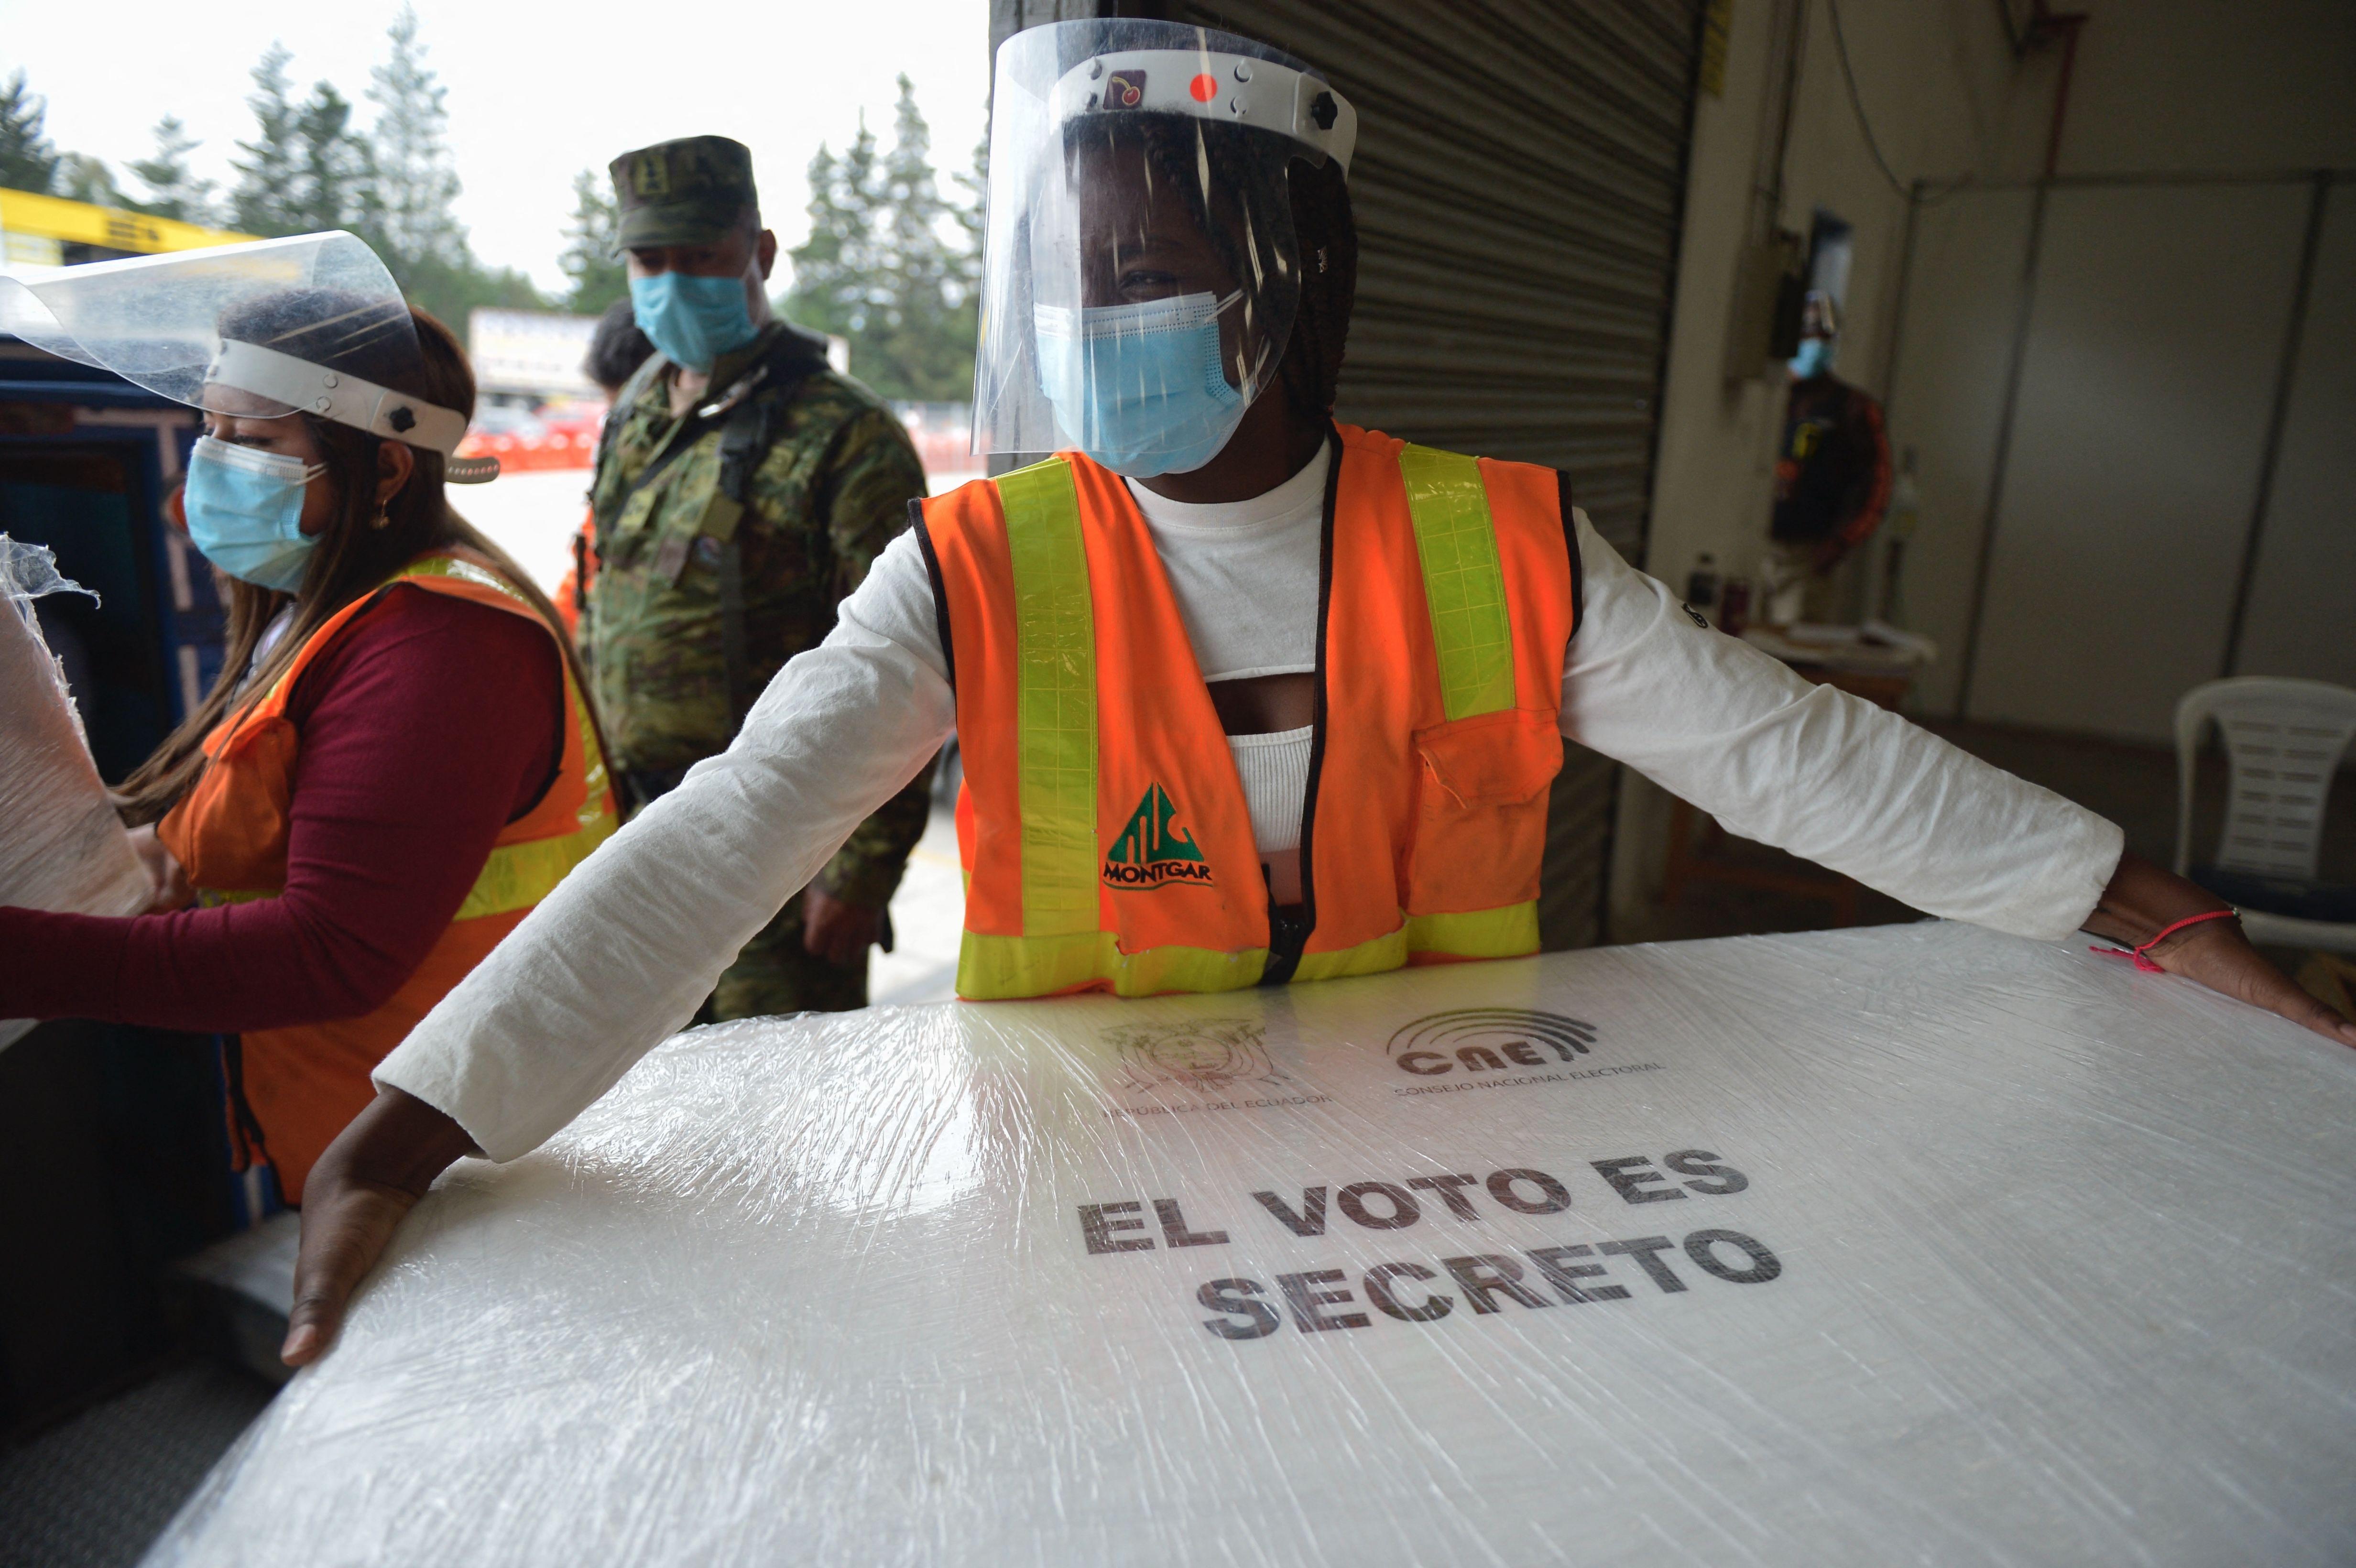 Empleados preparan material electoral, en Quito.